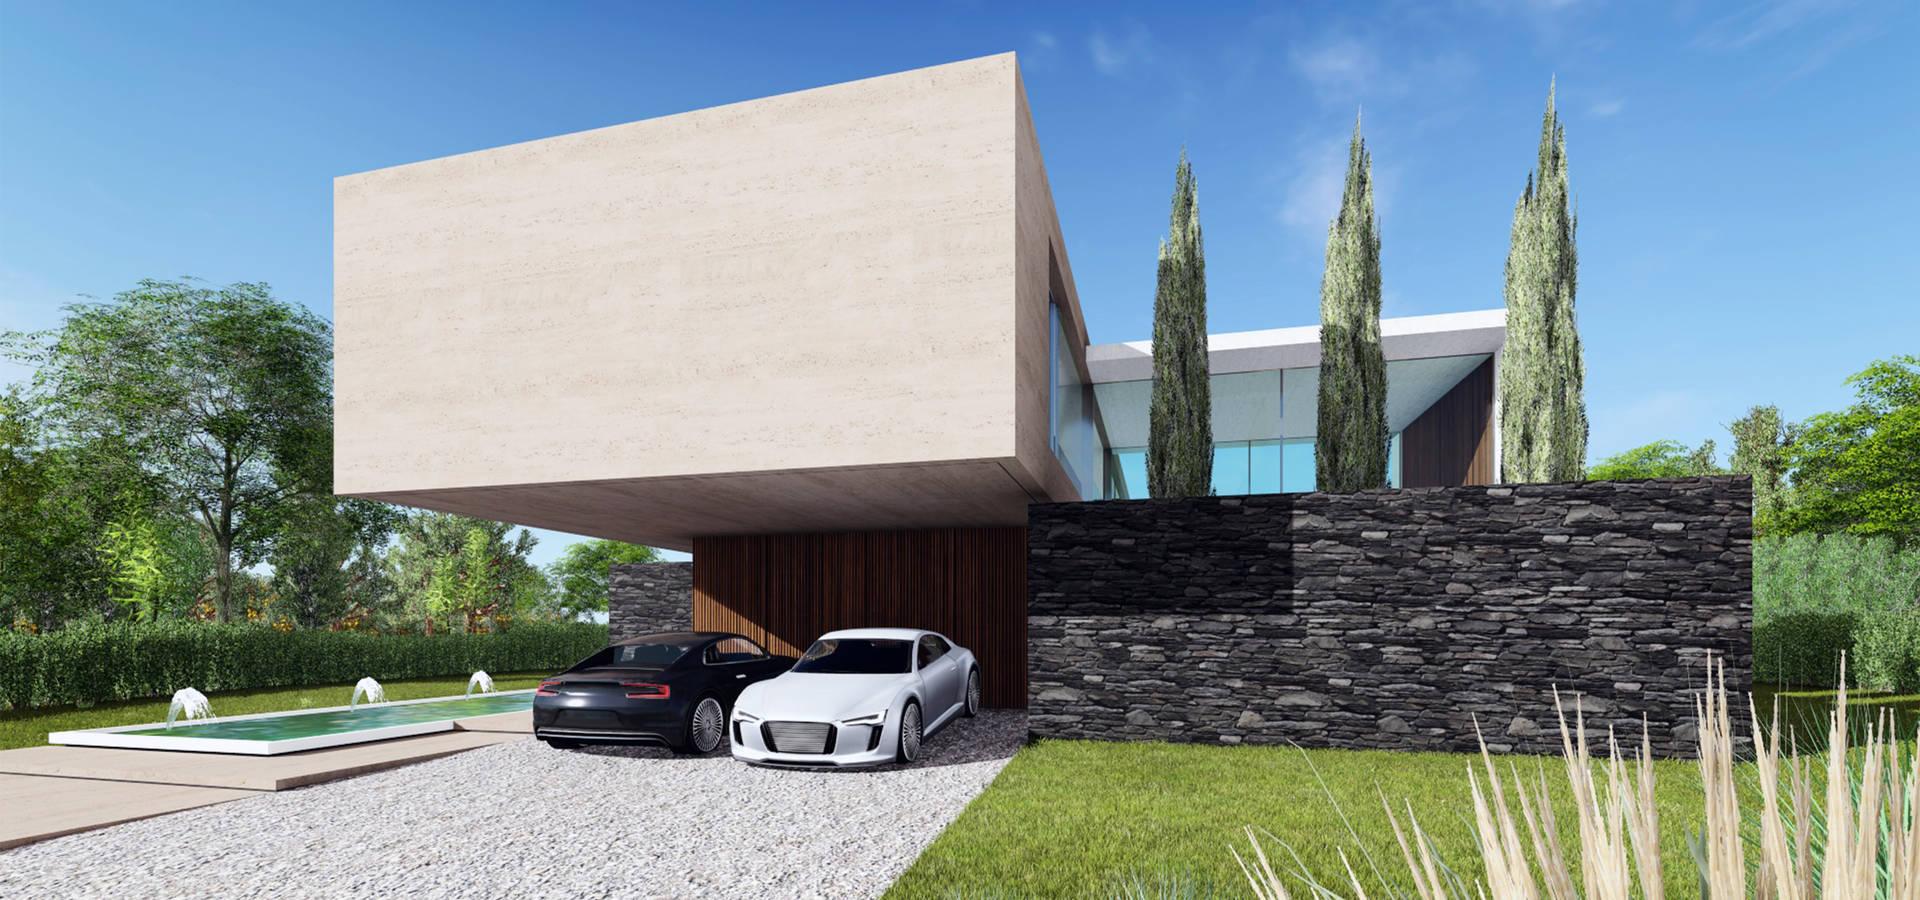 KLS Arquitectos